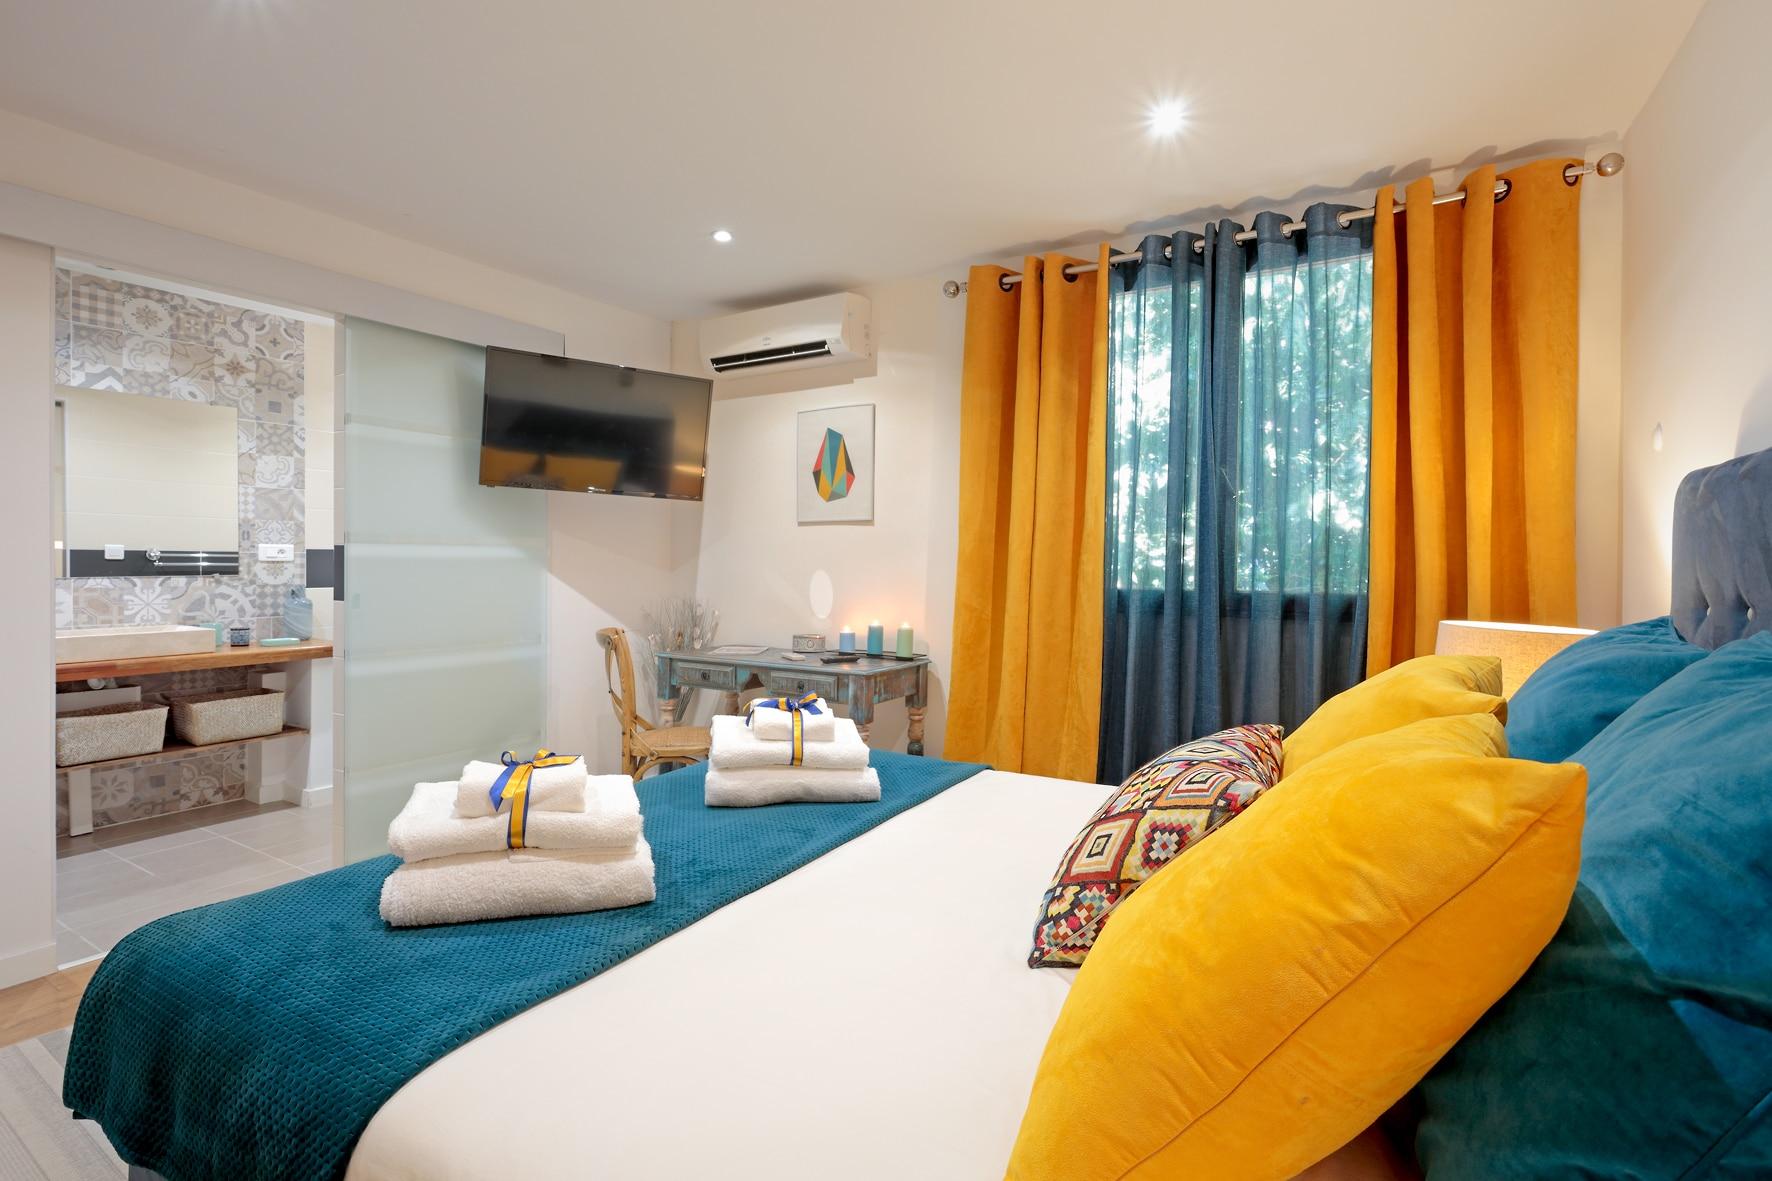 maison d h tes chambres d 39 h tes montpellier h rault villa des sens. Black Bedroom Furniture Sets. Home Design Ideas